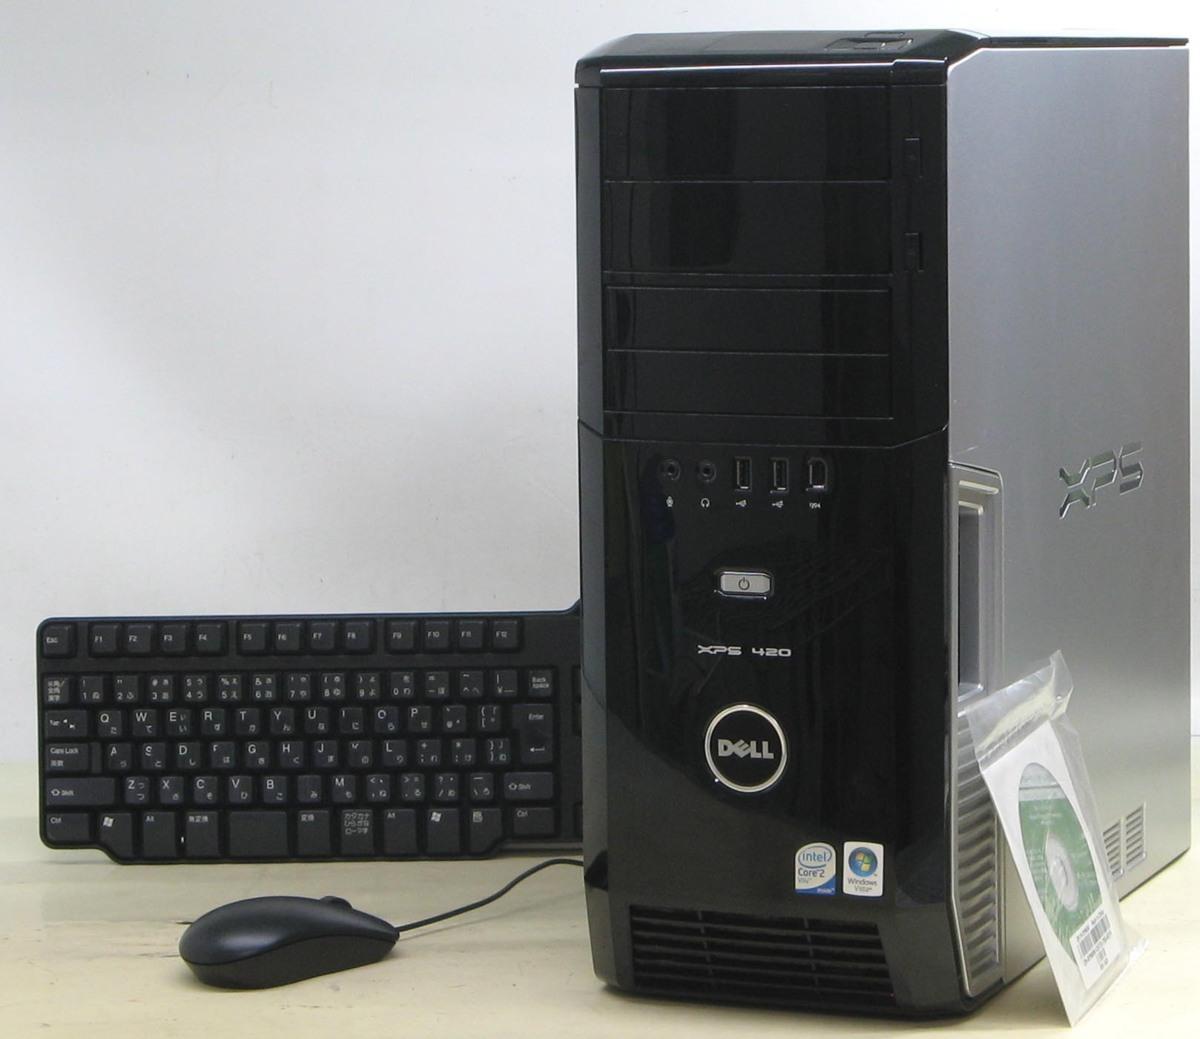 デスクトップPC デル DELL XPS 420-E6750MT WindowsXP Pro 中古 デスクトップ パソコン 【中古】